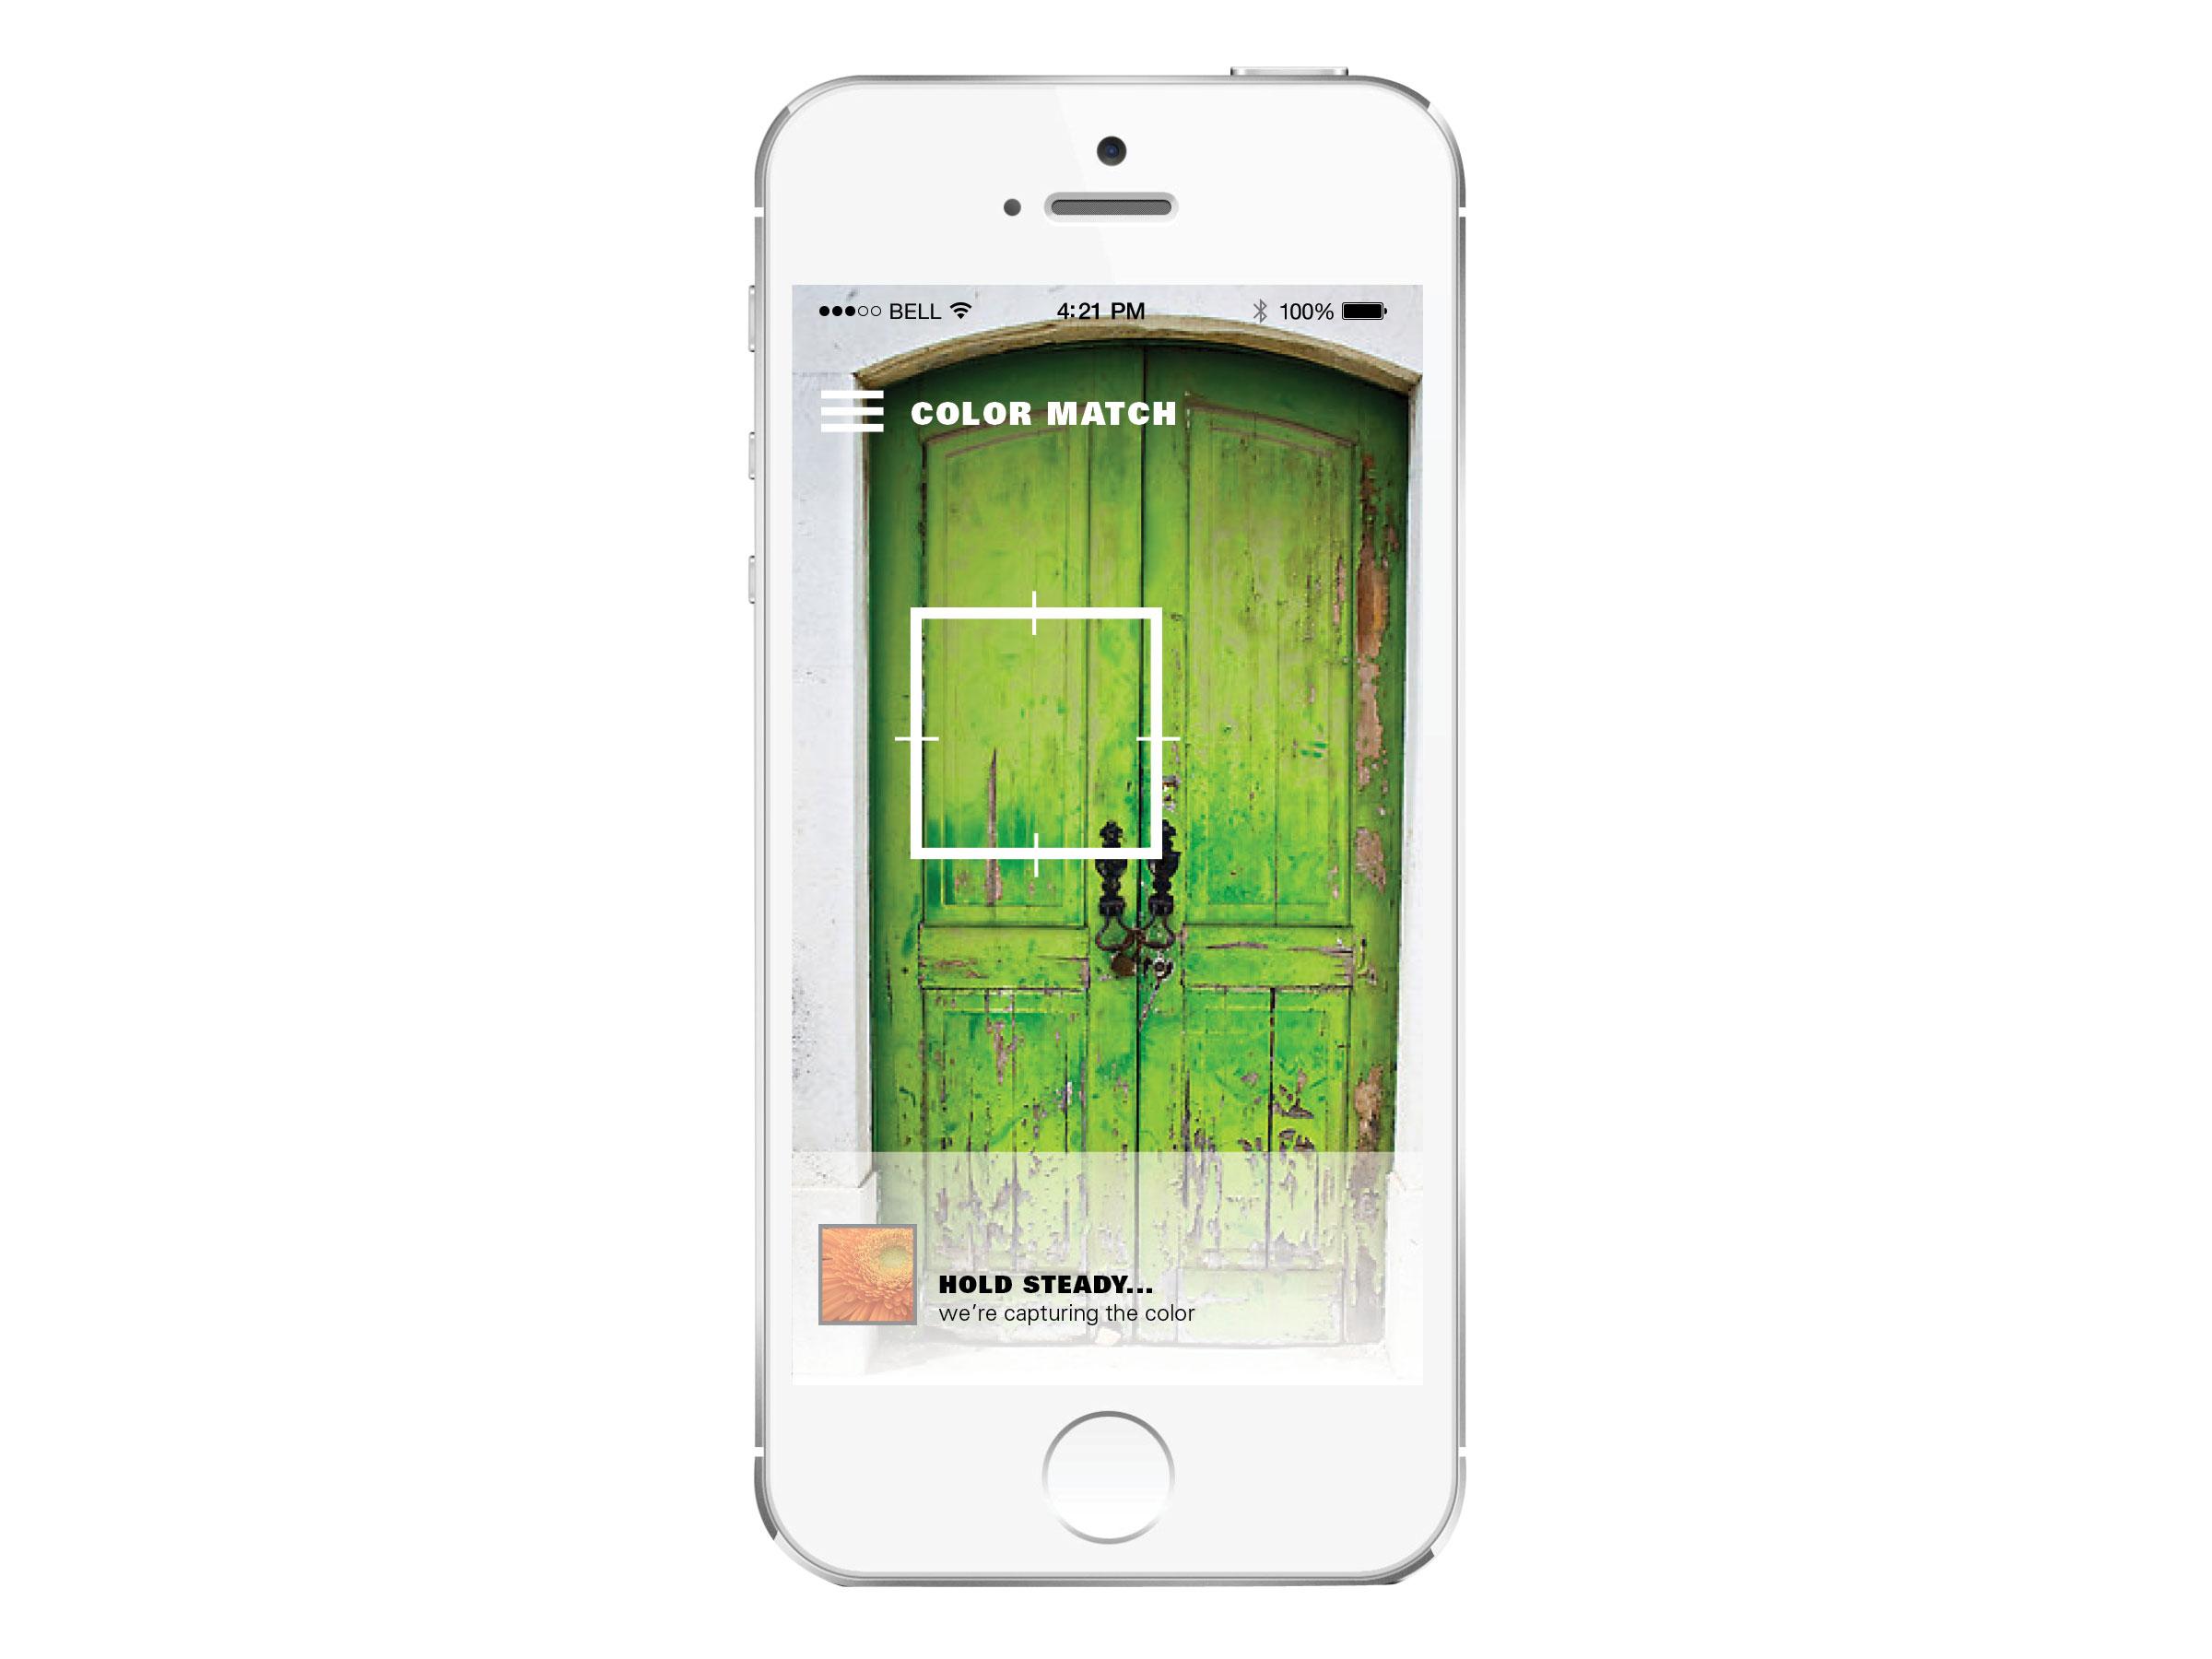 RAE_Phone_App2.jpg